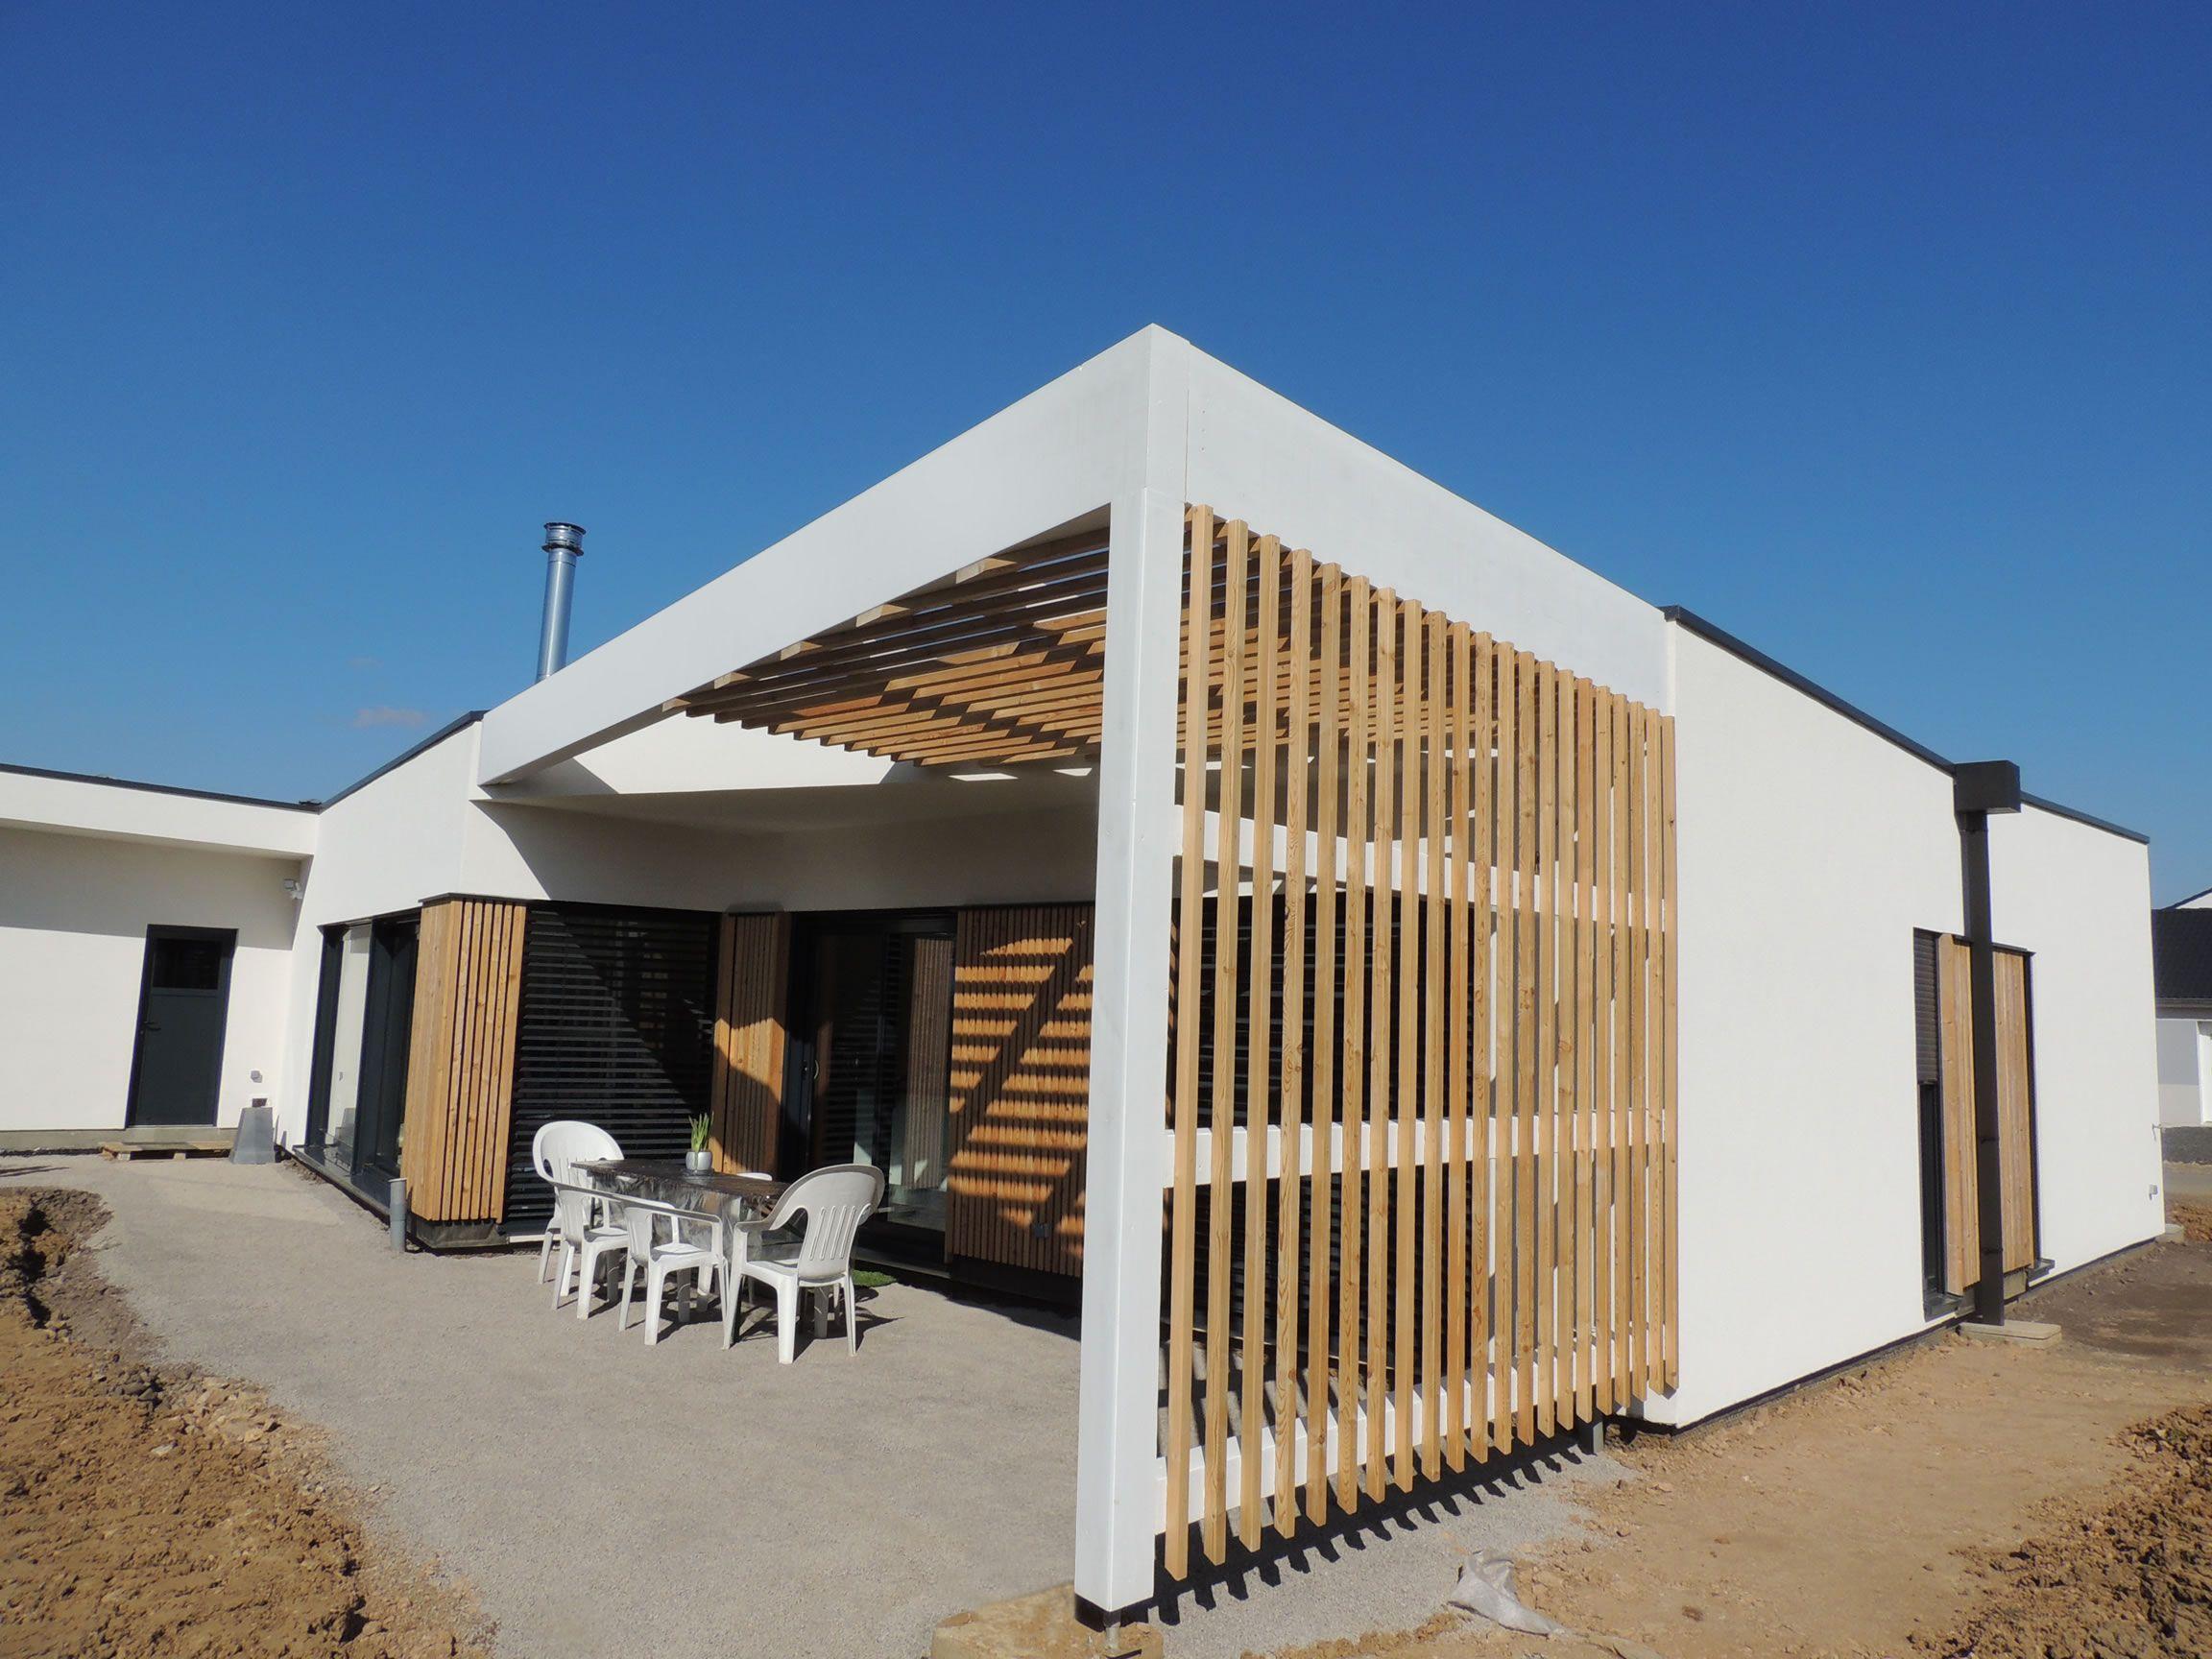 Thionville Rdc 148m2 Maison Ossature Bois Architecture Outdoor Decor Outdoor